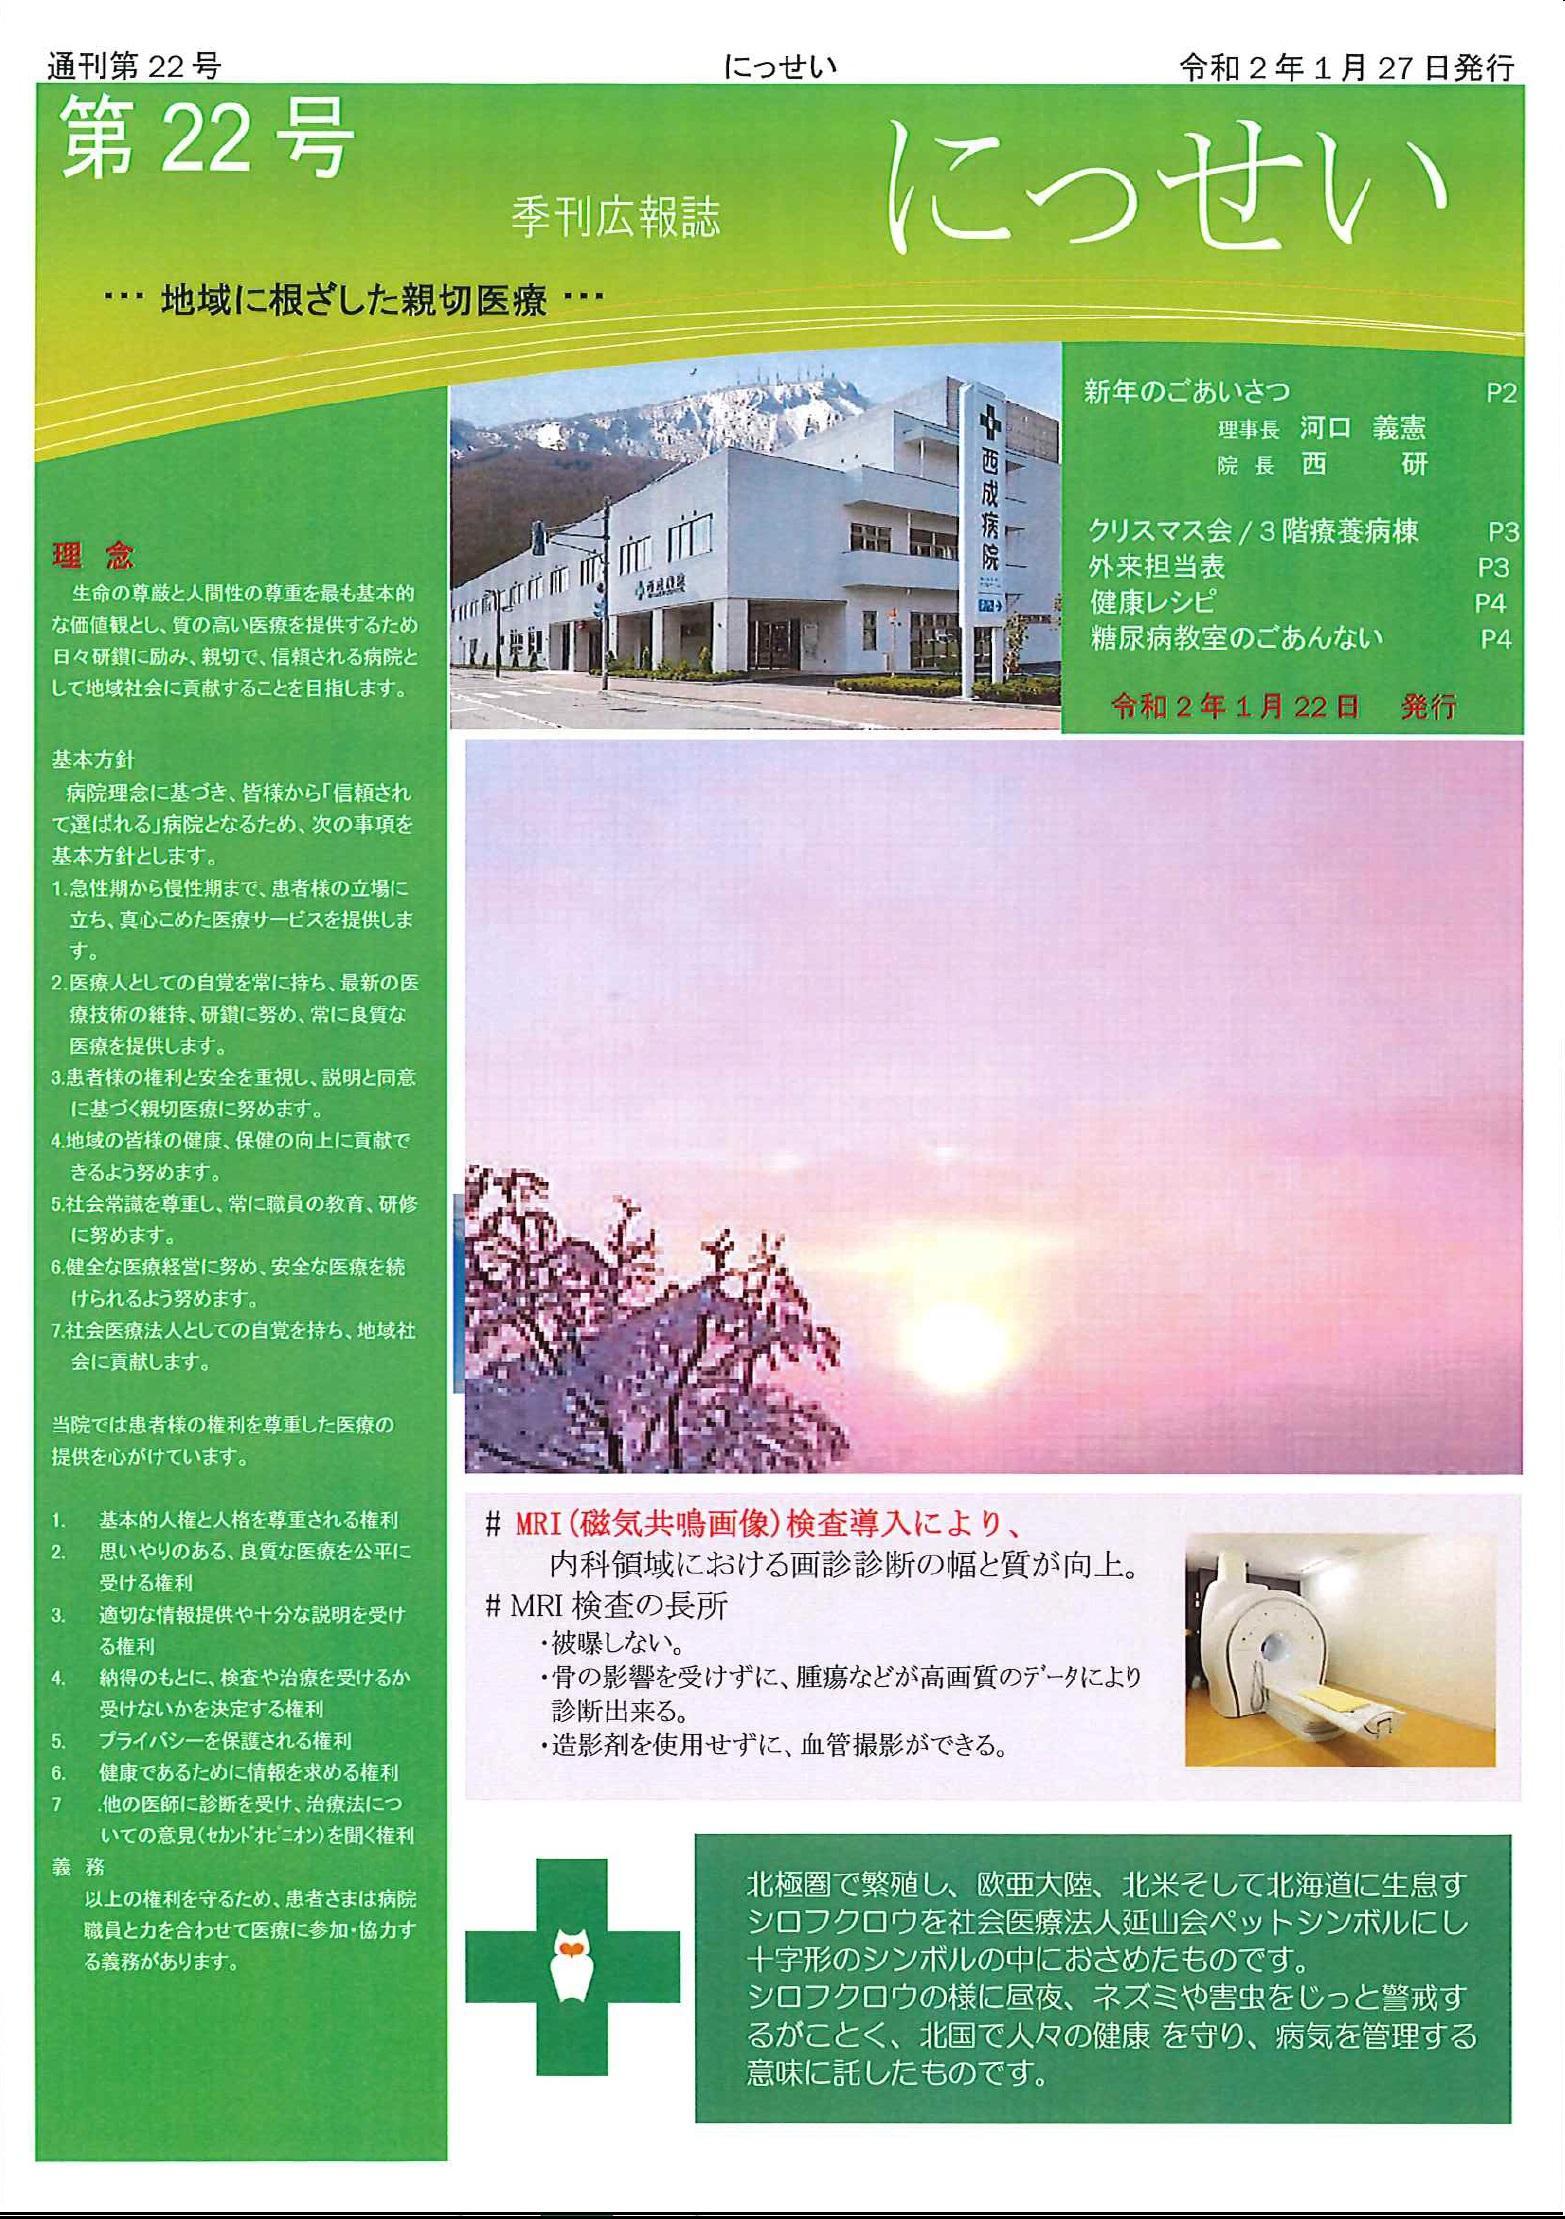 広報誌第22号 画像.jpg